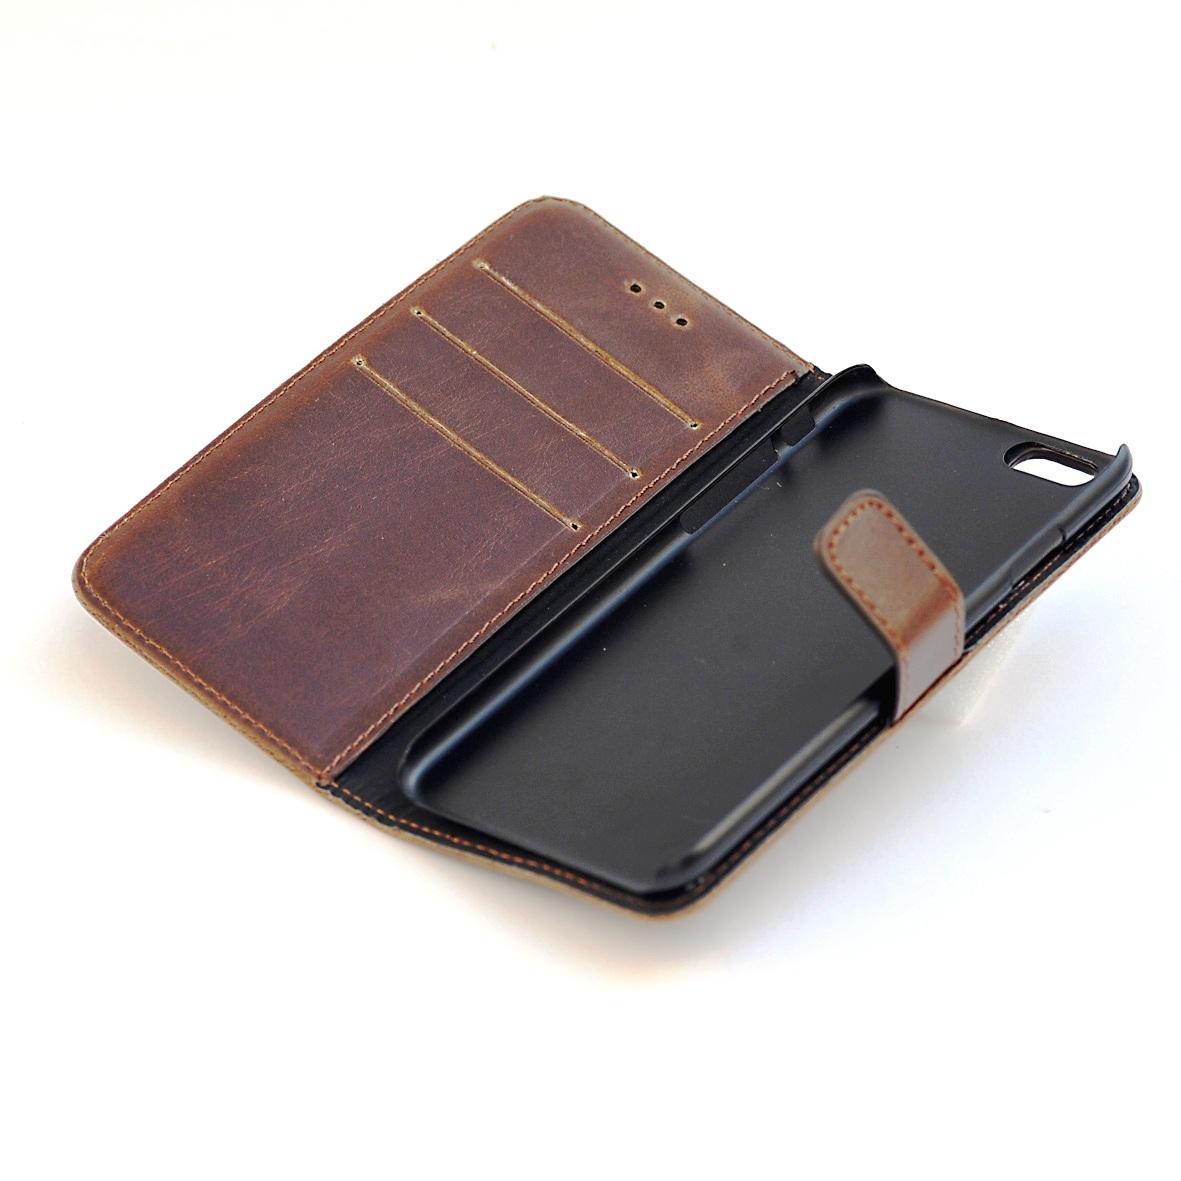 iPhone 7-8 PLUS kortholder læderpung brun 1